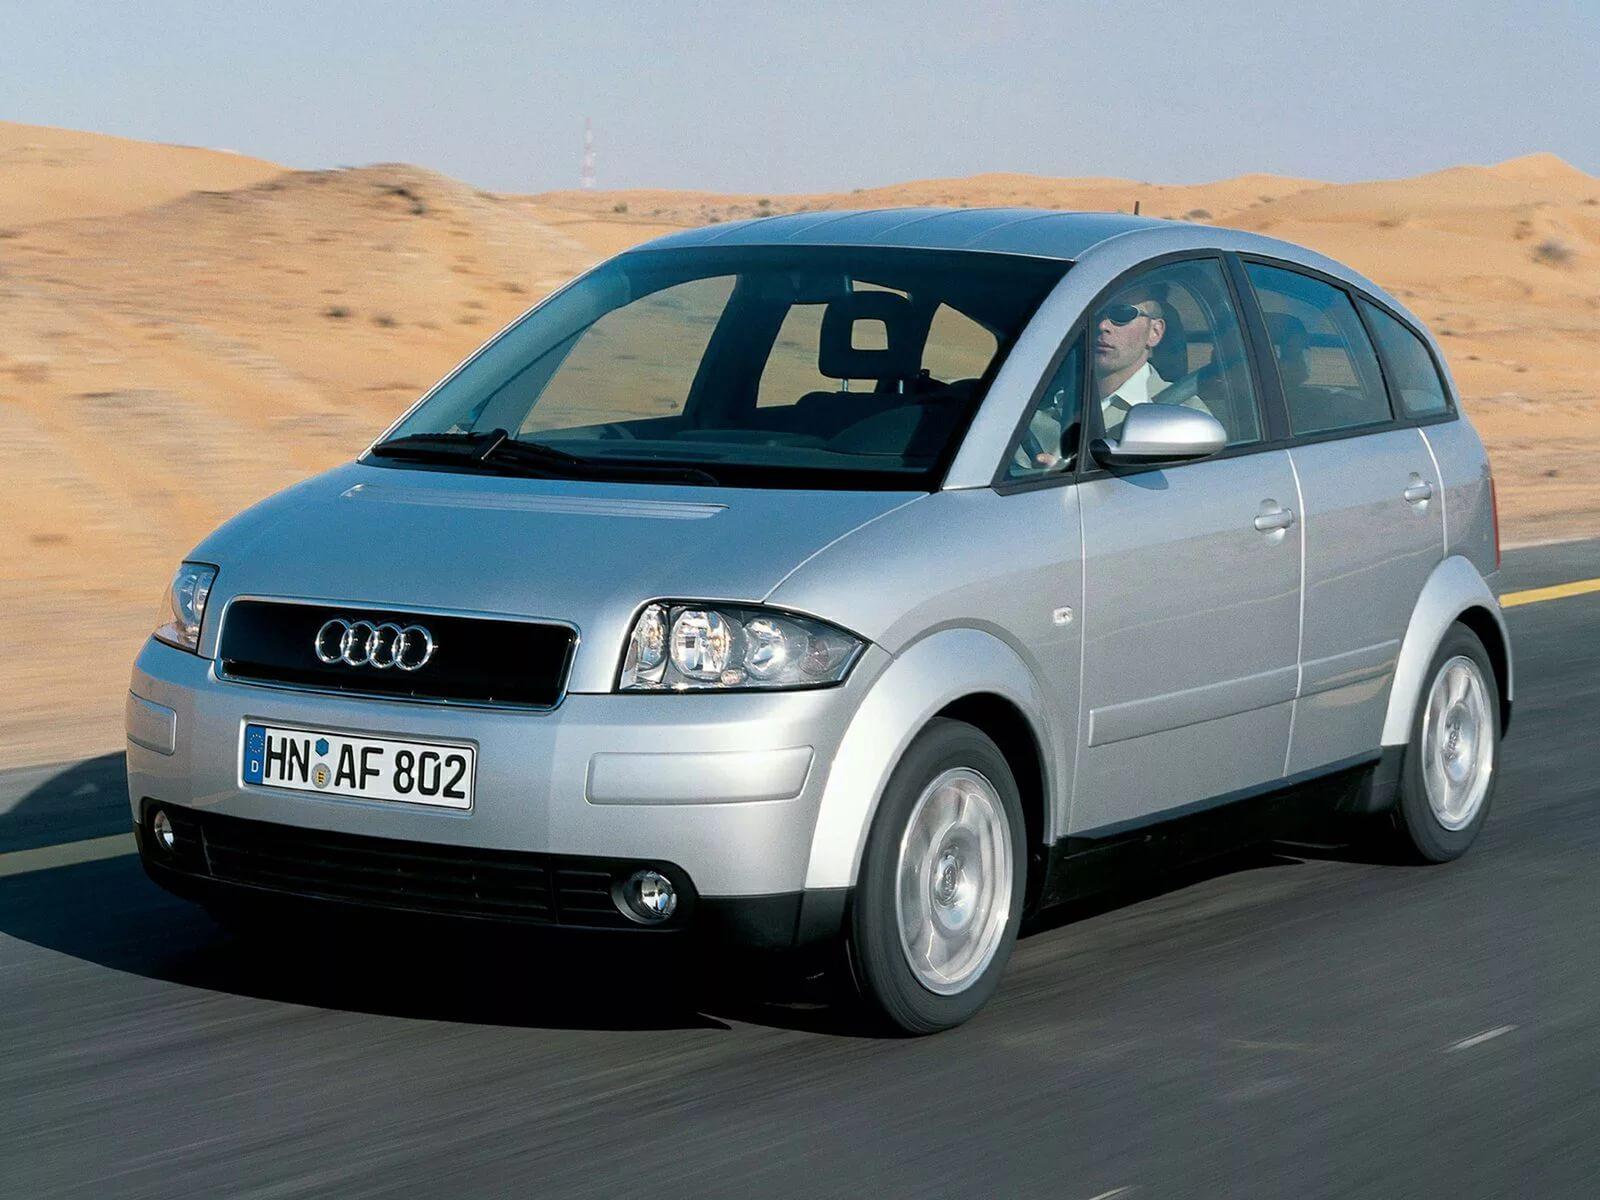 Audi a2 технические характеристики обзор описание фото видео комплектация